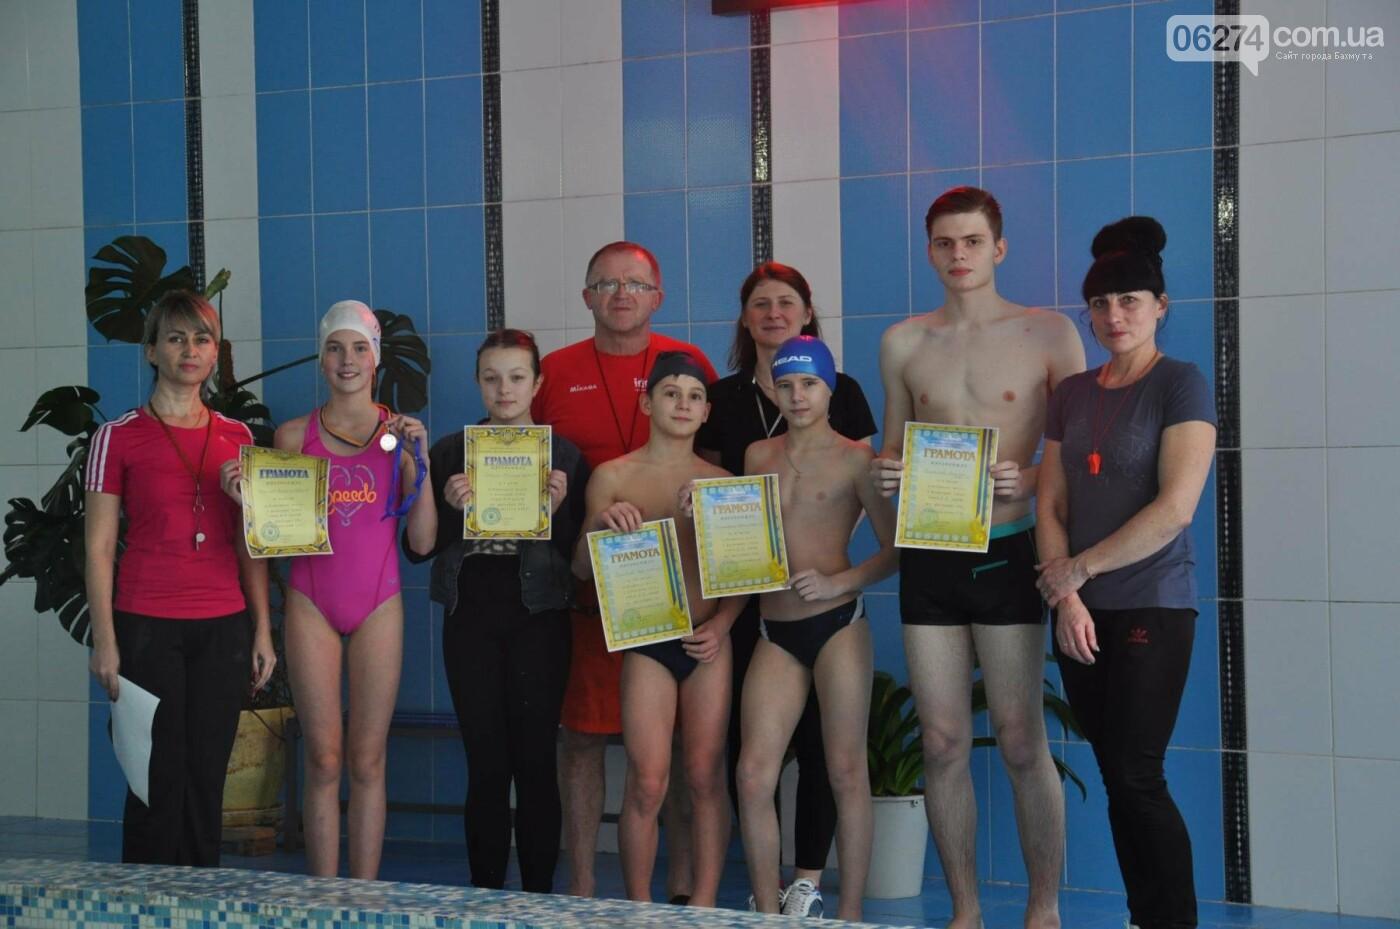 В Бахмуте прошел чемпионат по плаванью среди школьников, фото-5